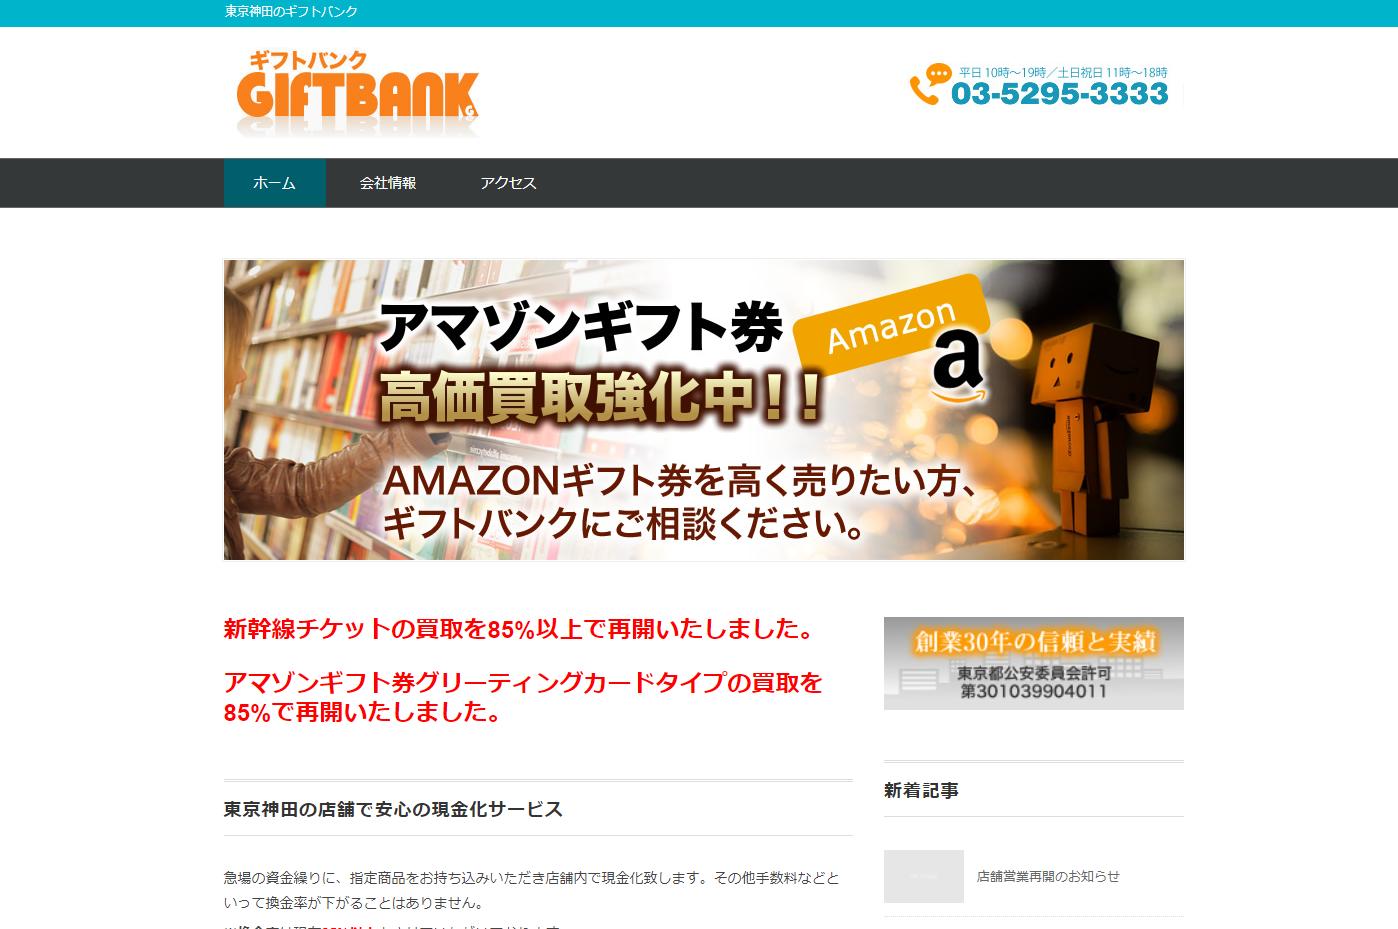 ギフトバンク ホームページ